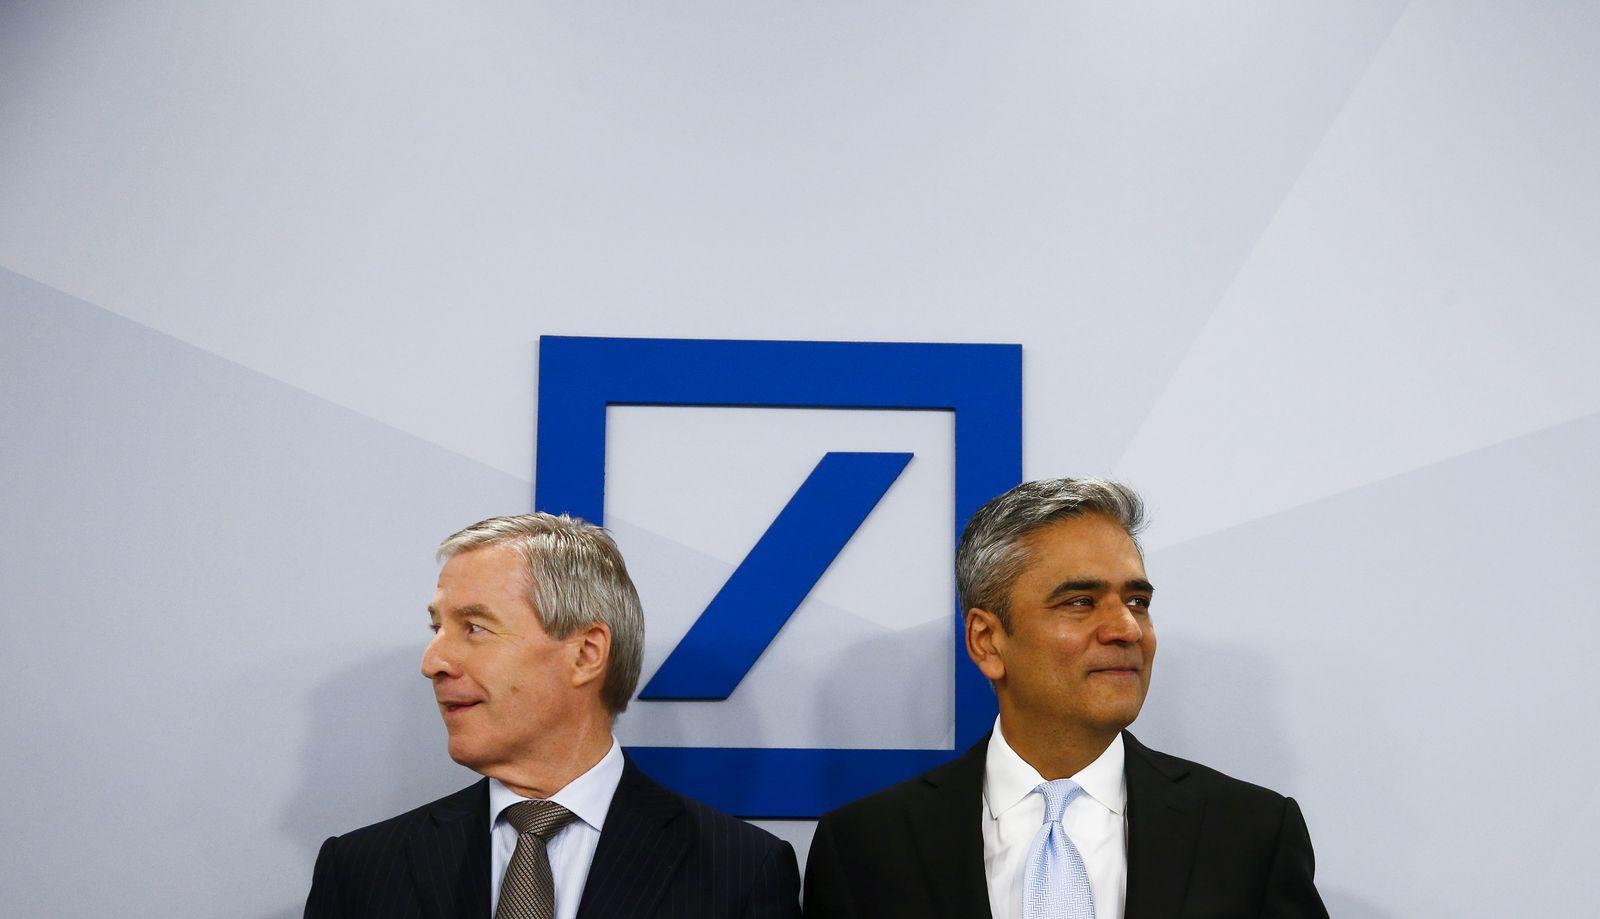 Fitschen - Jain / Deutsche Bank